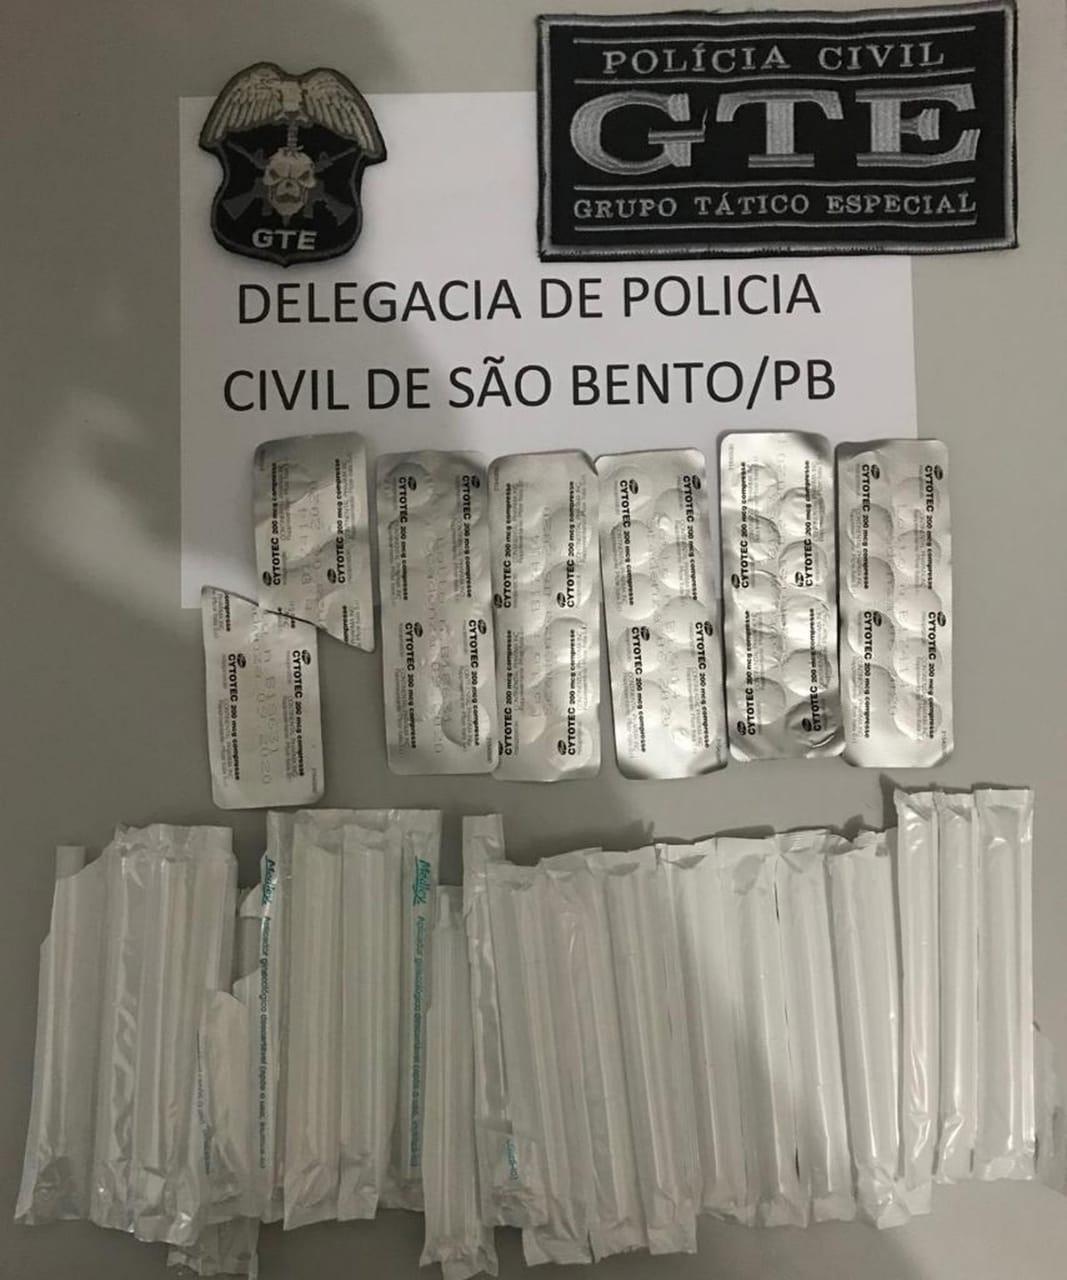 POLÍCIA CIVIL DE SÃO BENTO PRENDE MULHER SUSPEITA DE VENDER ILEGALMENTE MEDICAMENTO ABORTIVO.